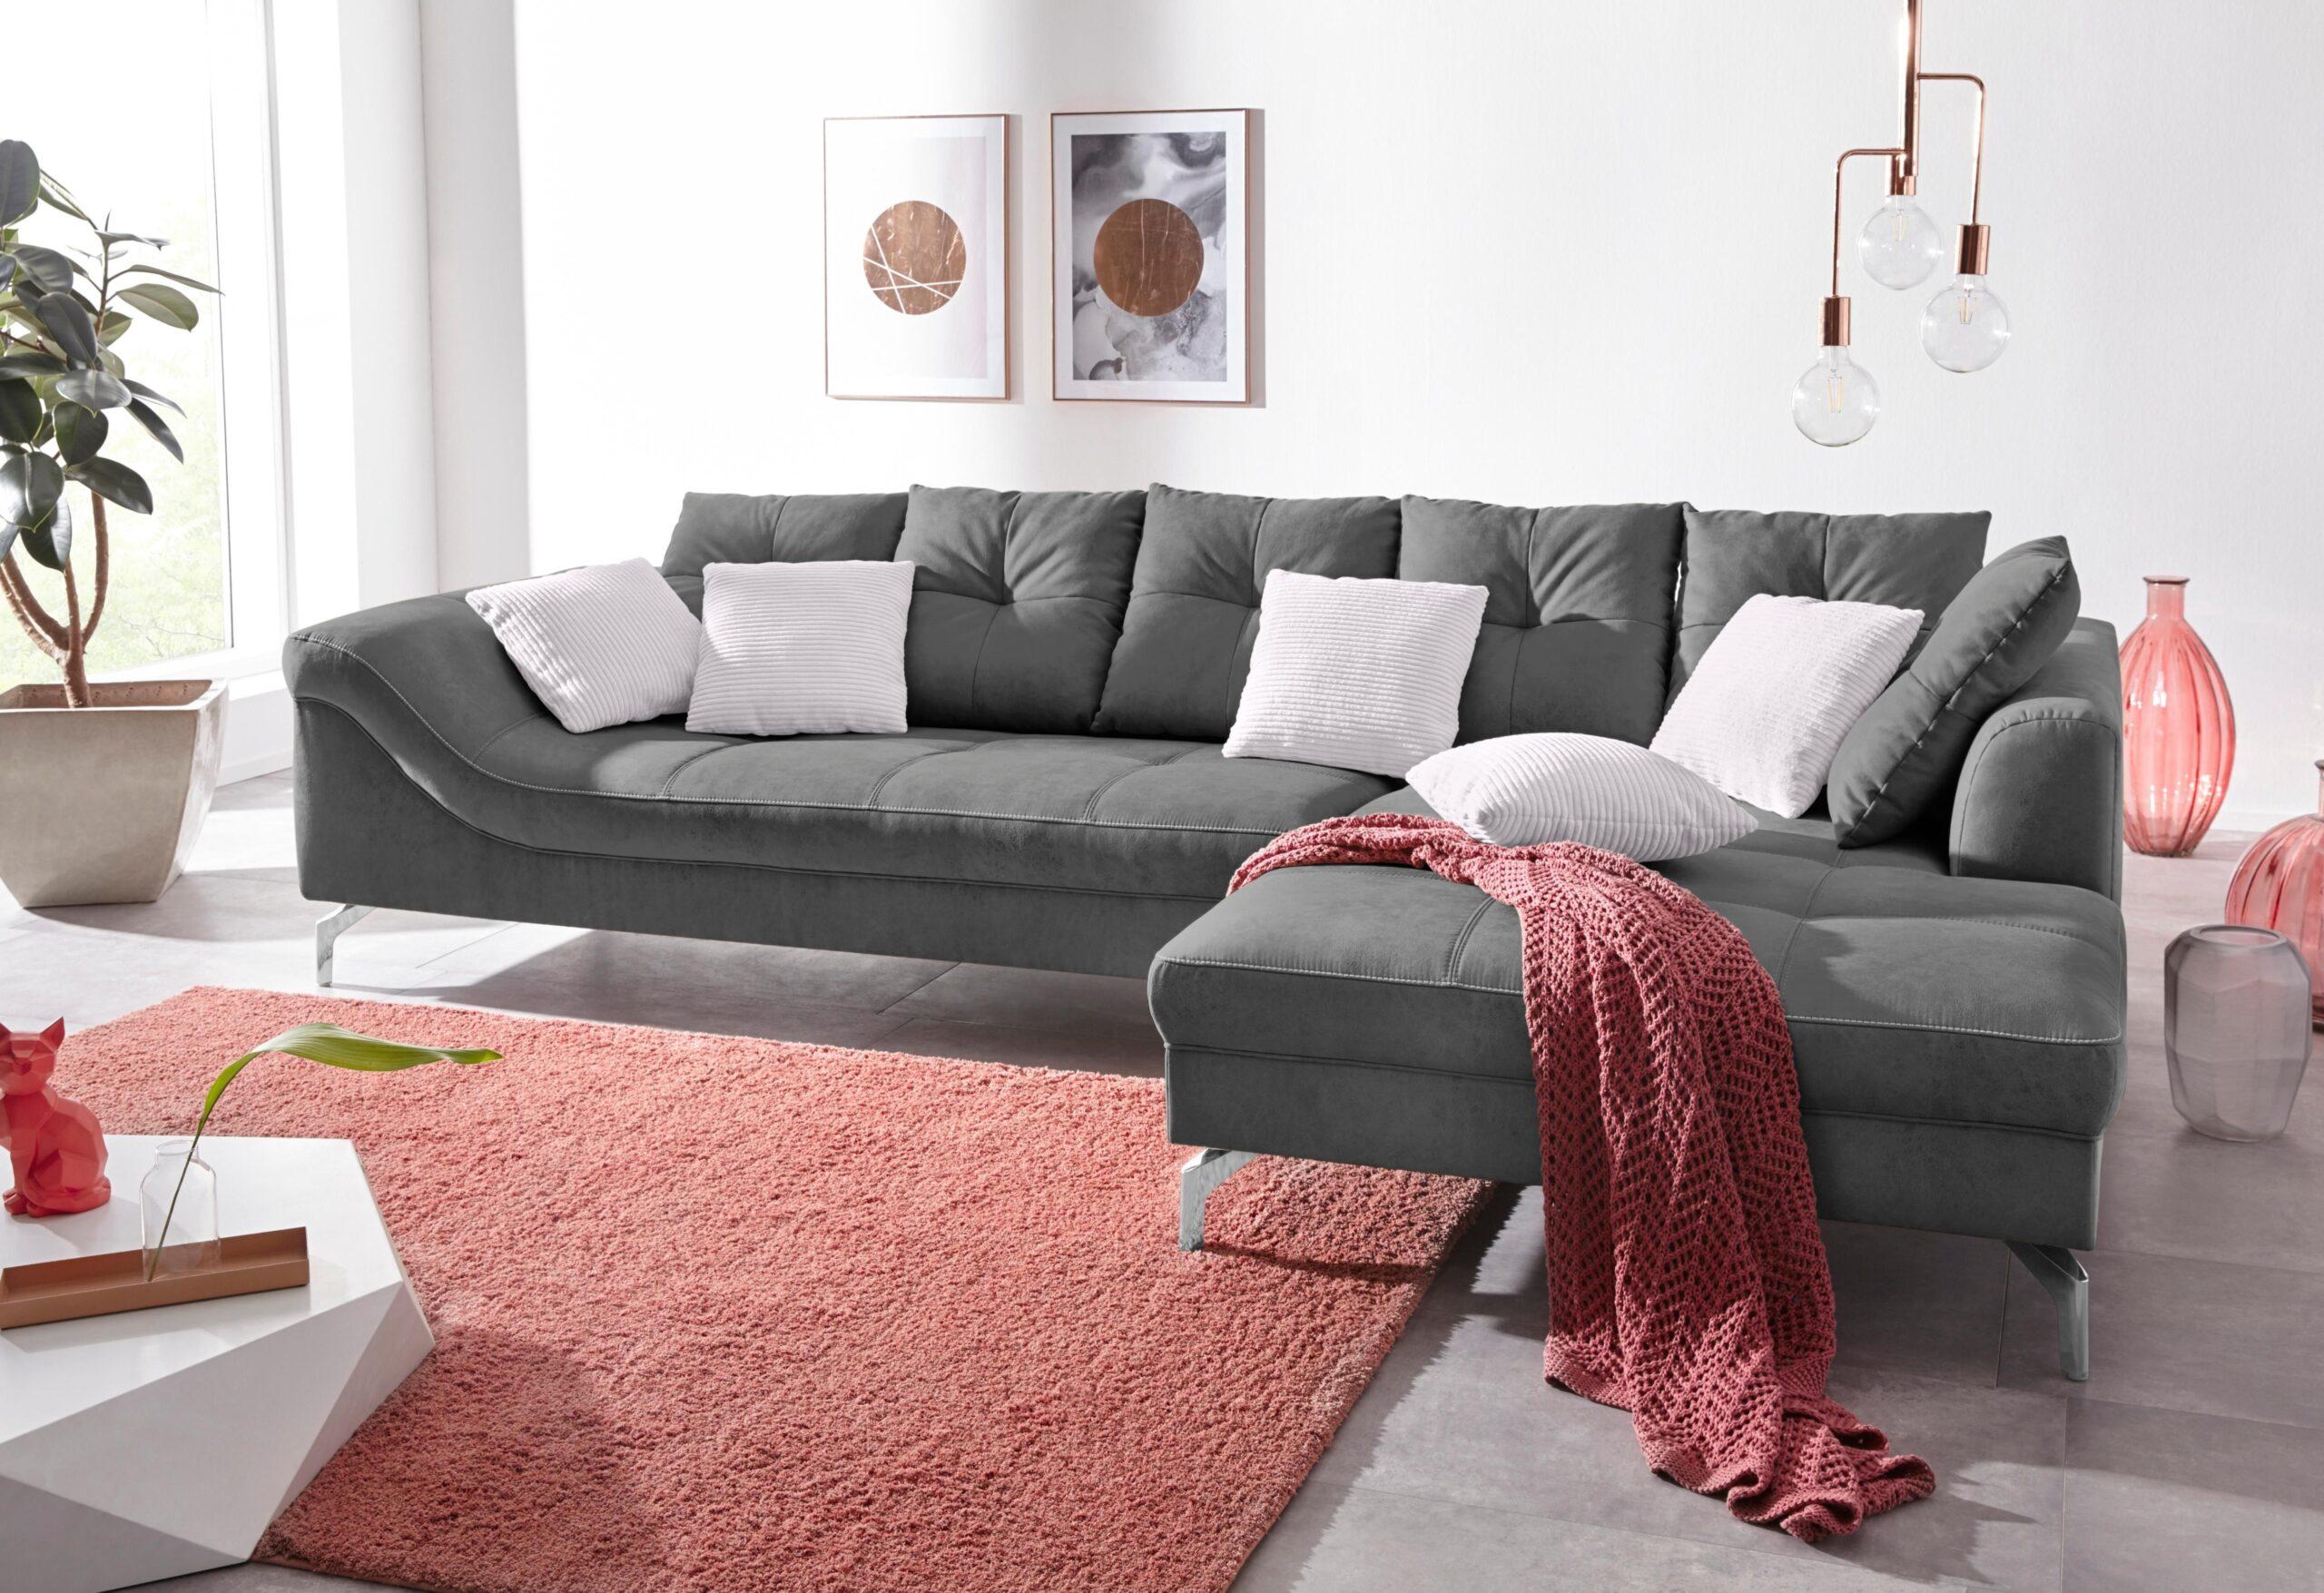 Full Size of Big Sofa Gnstig Bestellen Couch Billigerde Leder München Xxl Grau Schlaffunktion Samt Federkern L Form Home Affair 2 Sitzer Günstig Terassen Xora Rotes Sofa Günstige Sofa